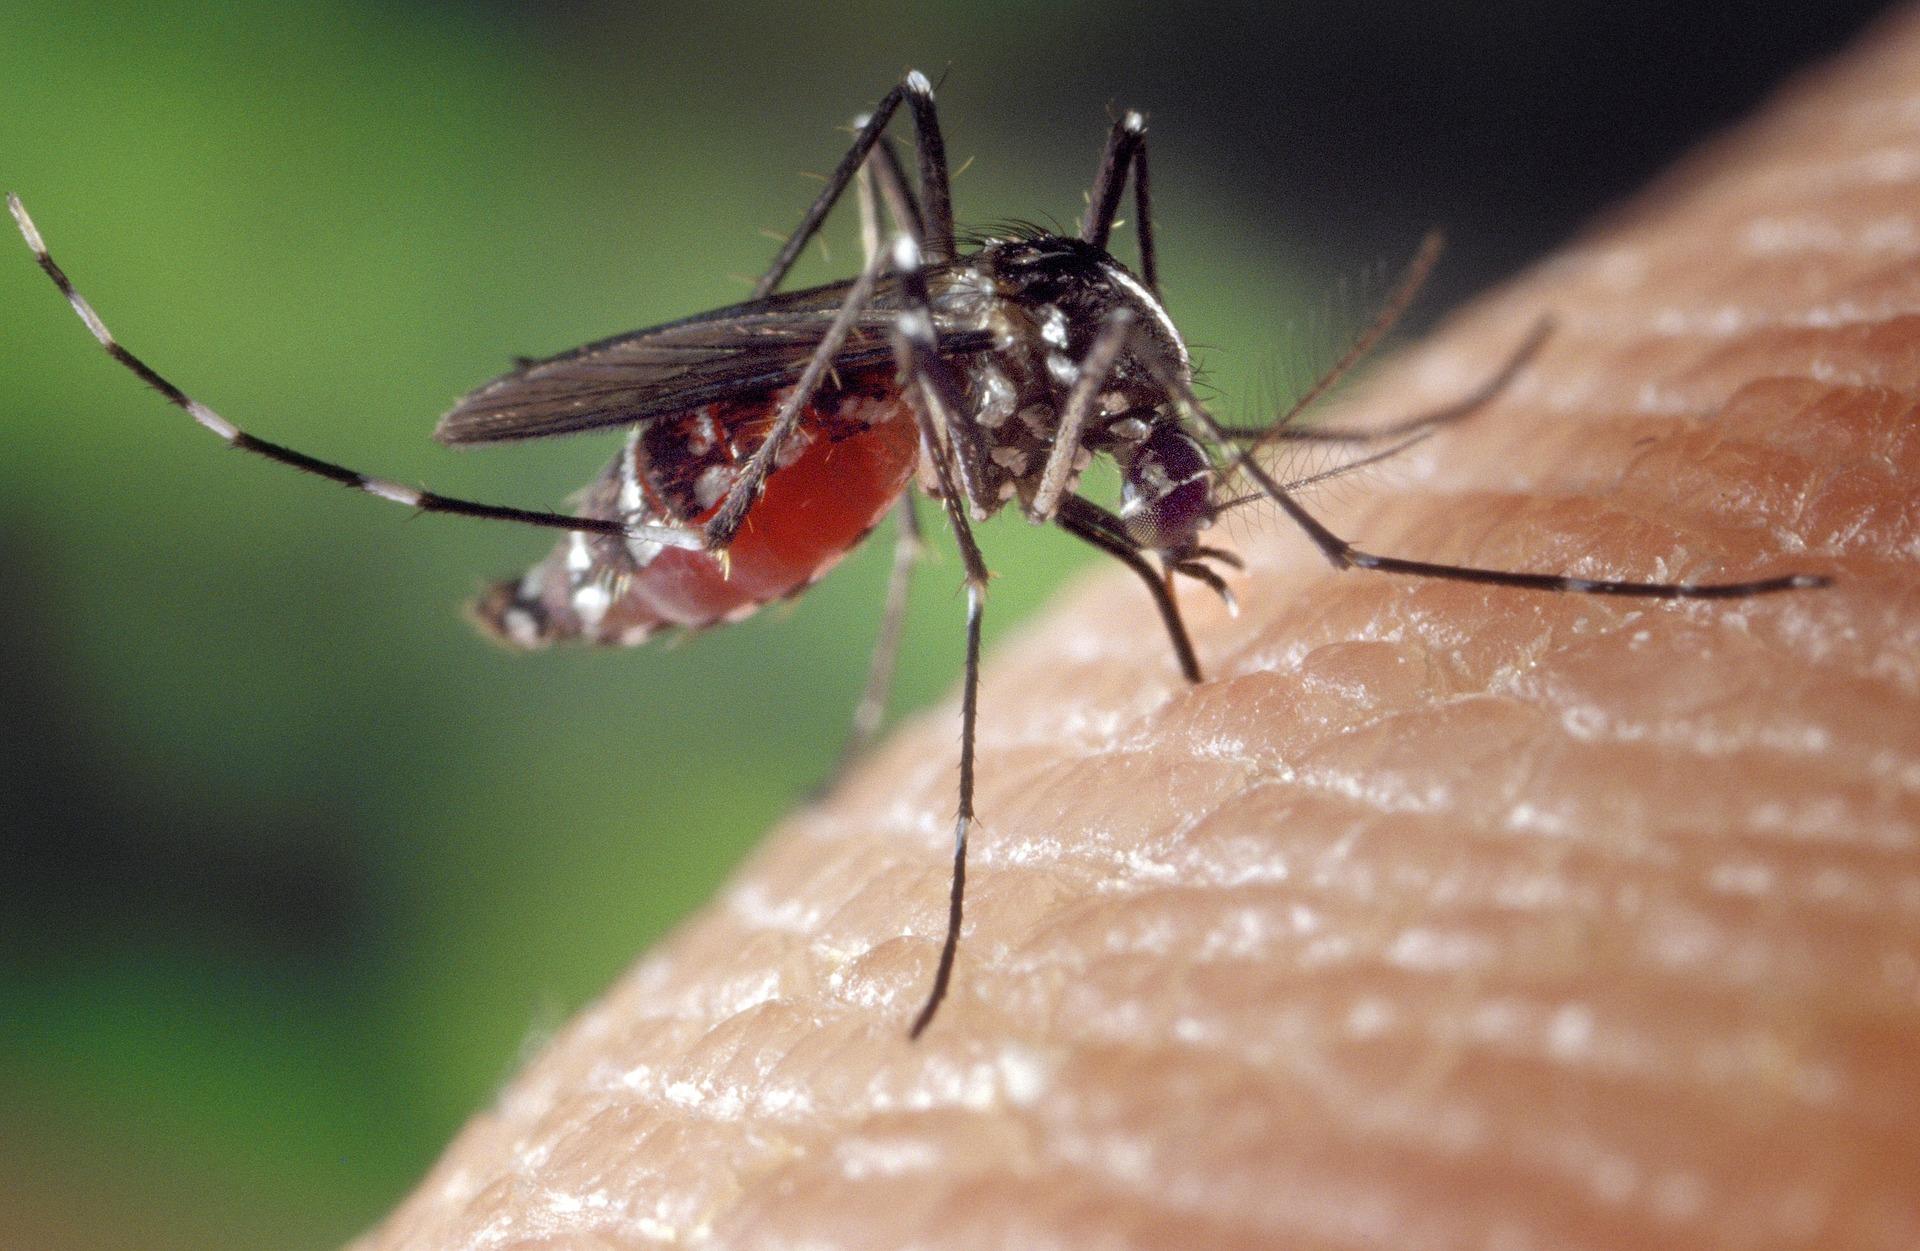 Un moustique. © Pixabay